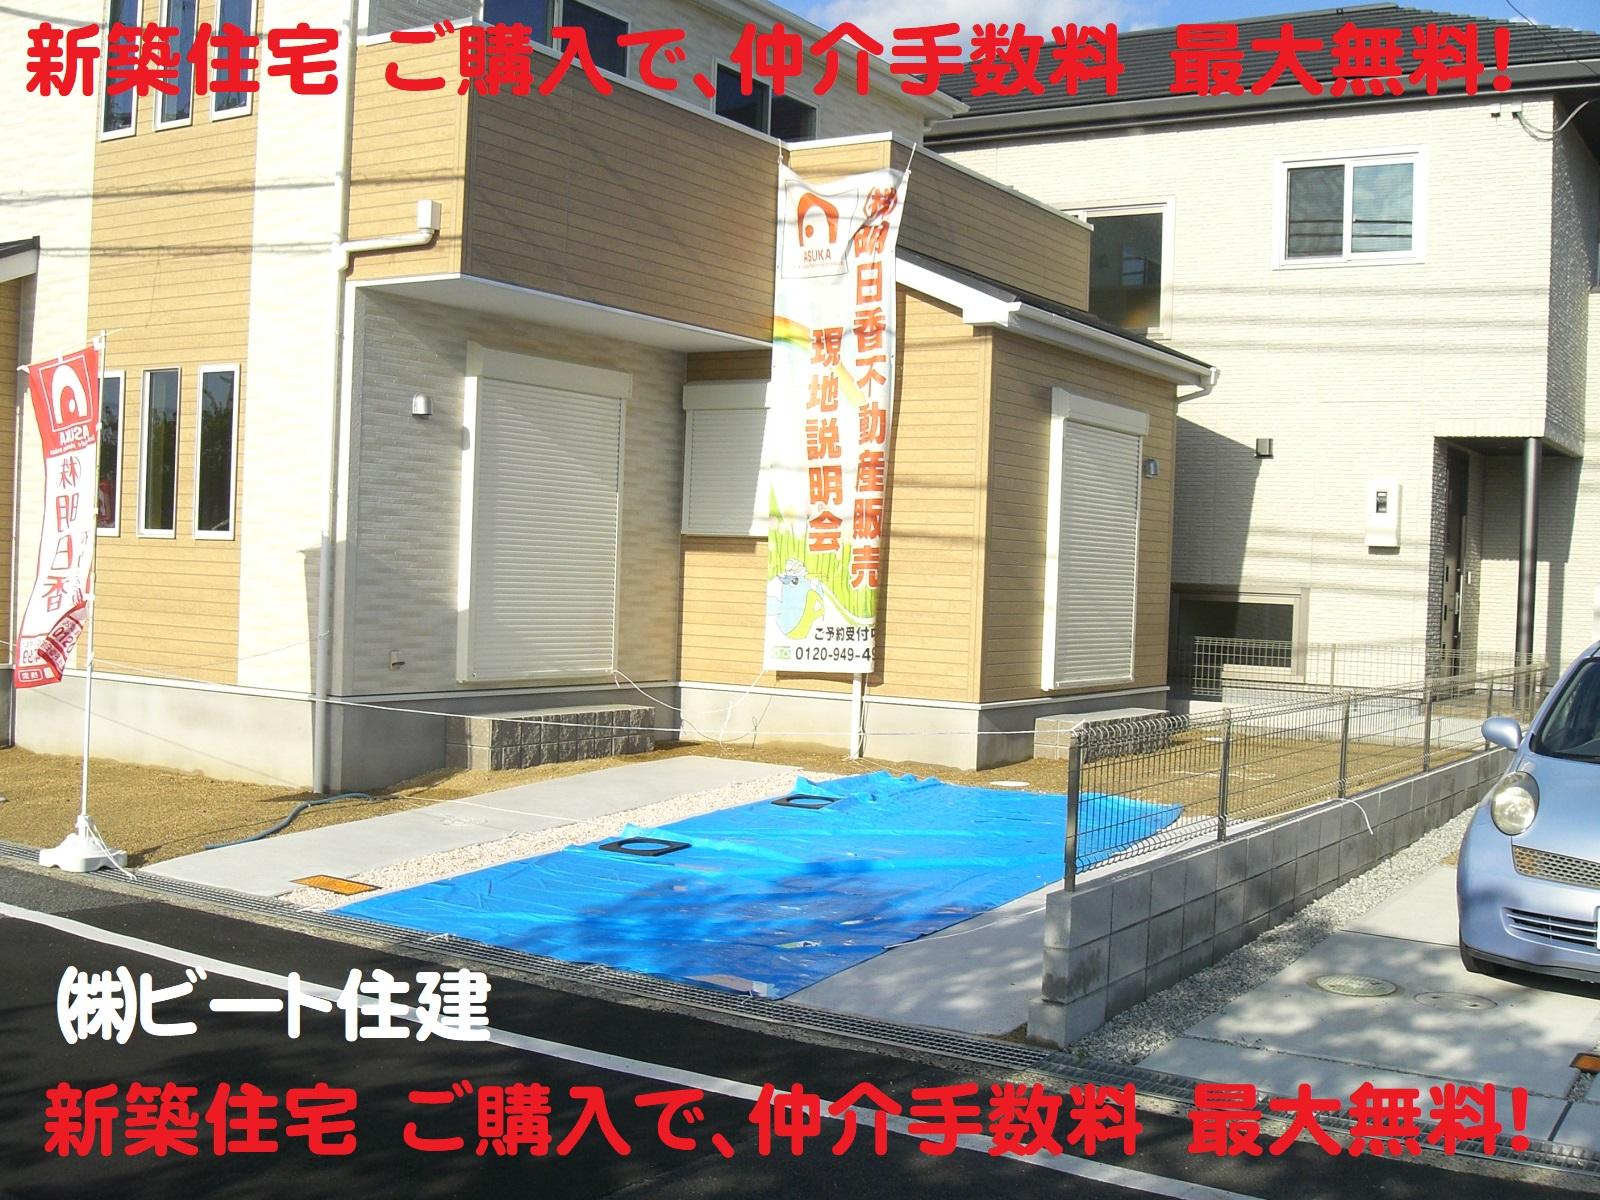 田原本町 八尾 新築 限定1棟 建物 販売 ファースト住建 好評分譲中